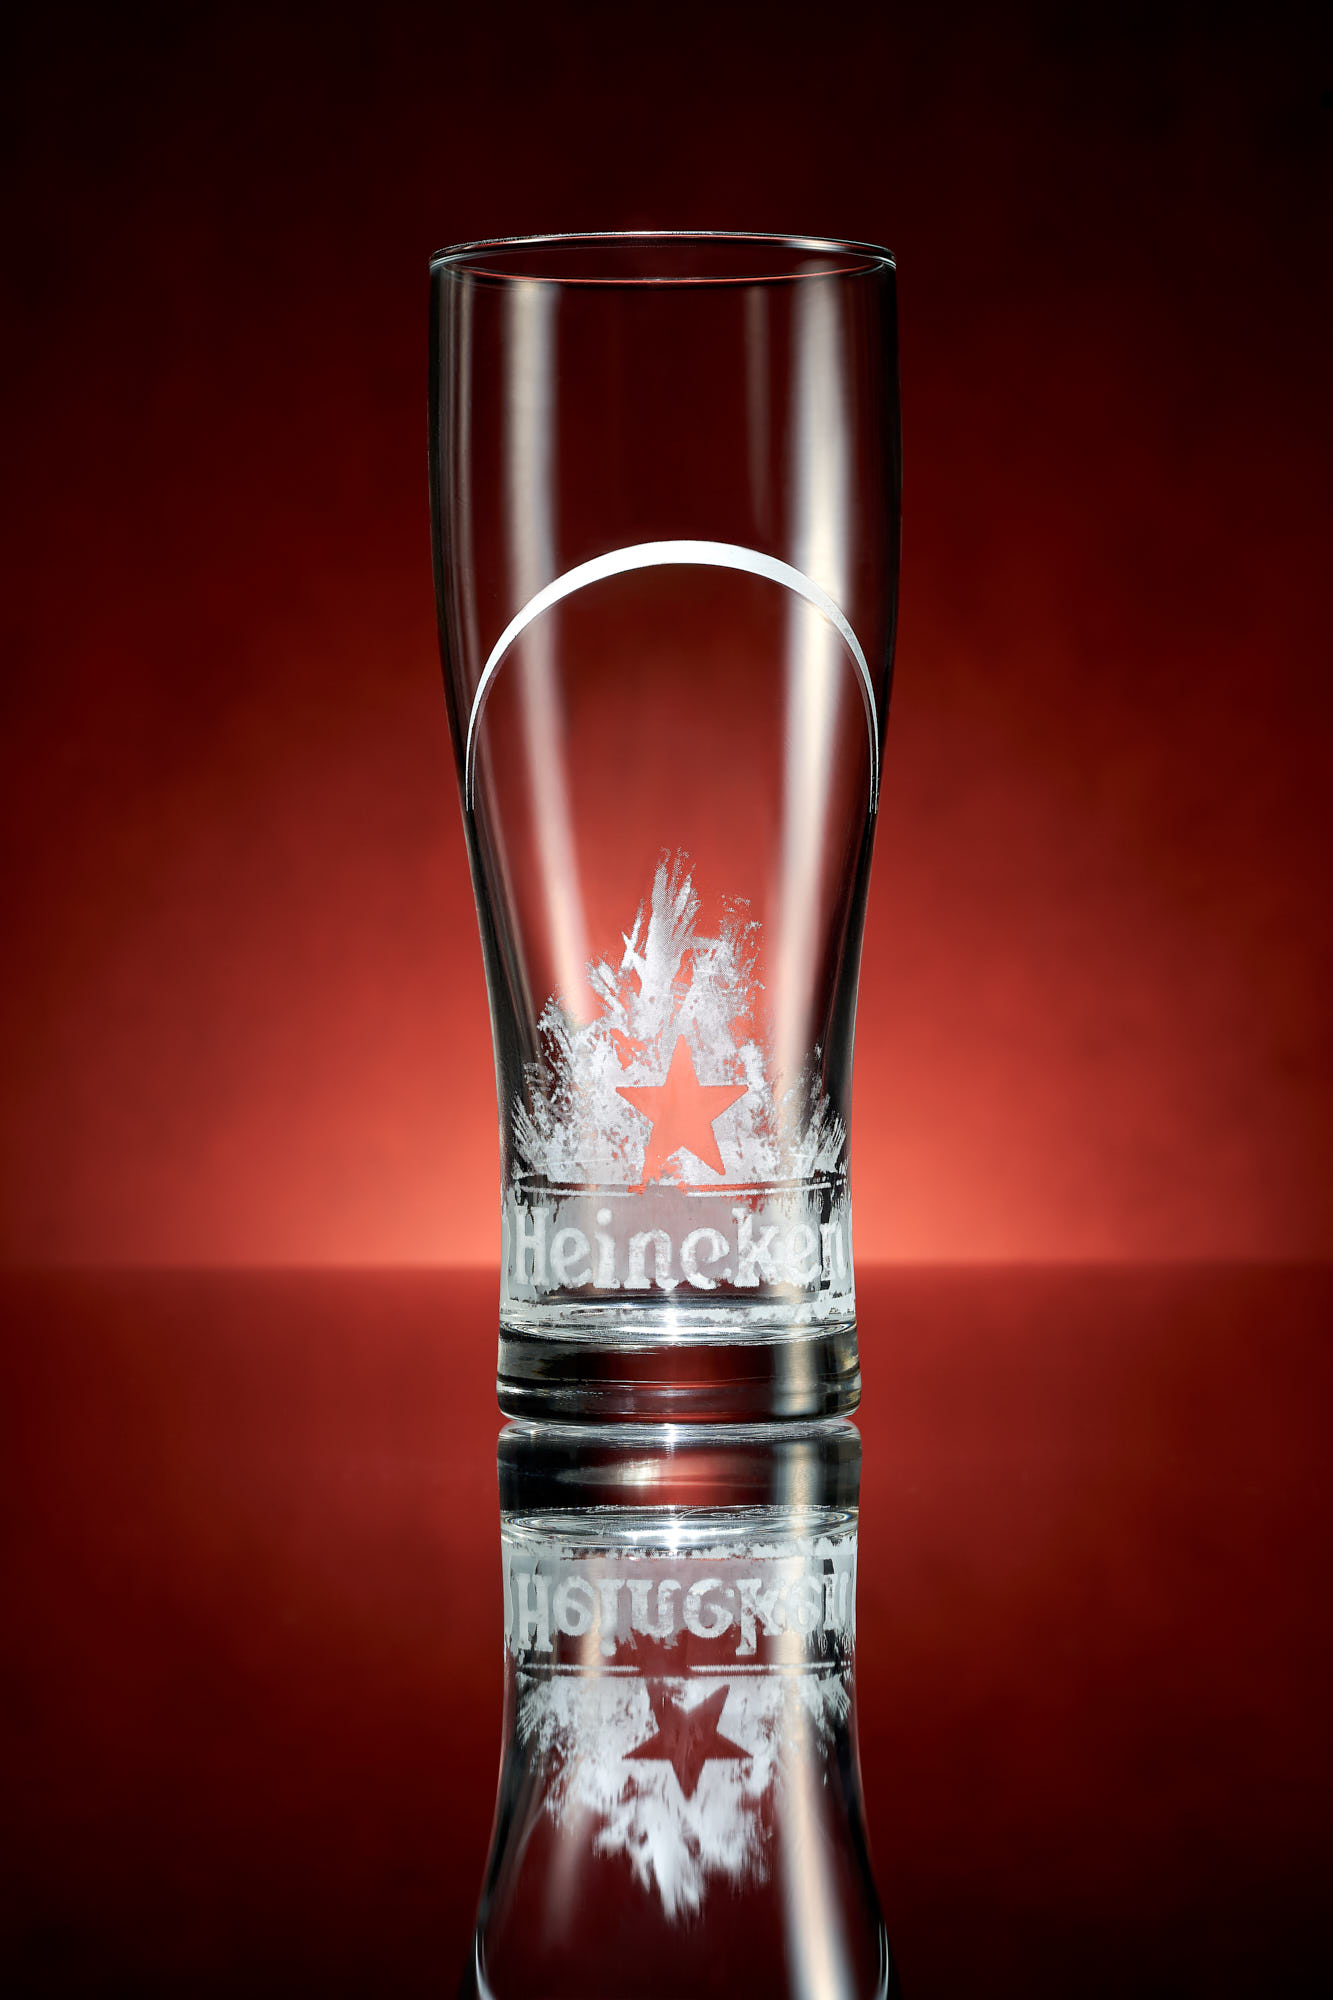 Lex & Josh Heineken Glass Product Shoot 1.jpg